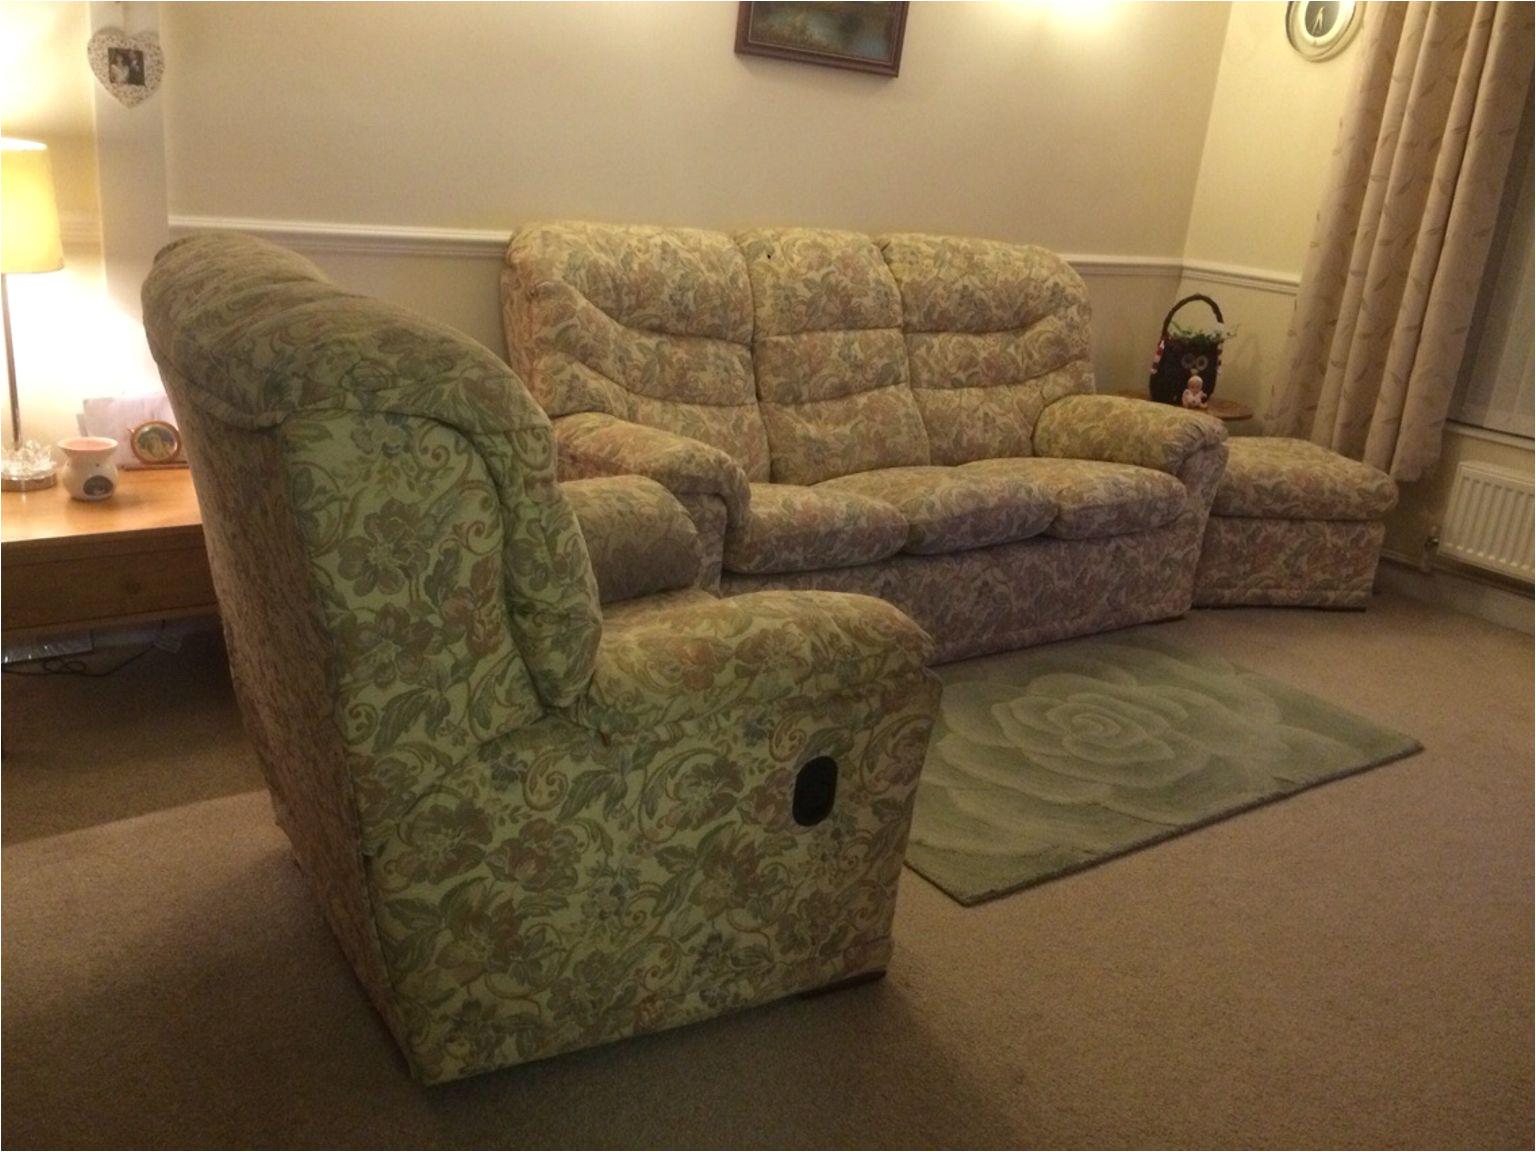 g plan 3 seater sofa jpg